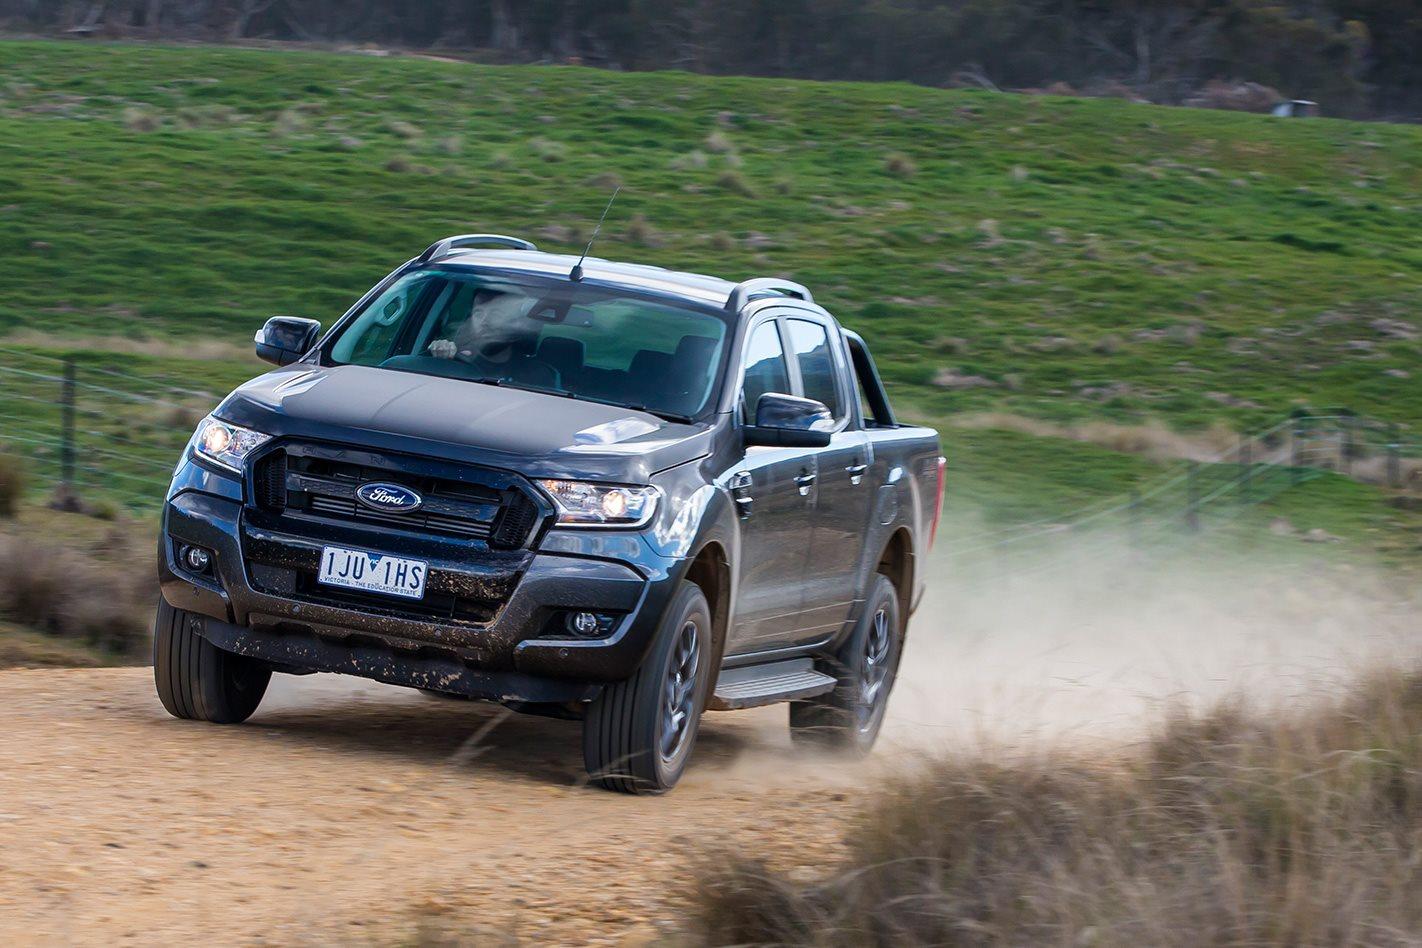 Ford Ranger FX4 on dirt road